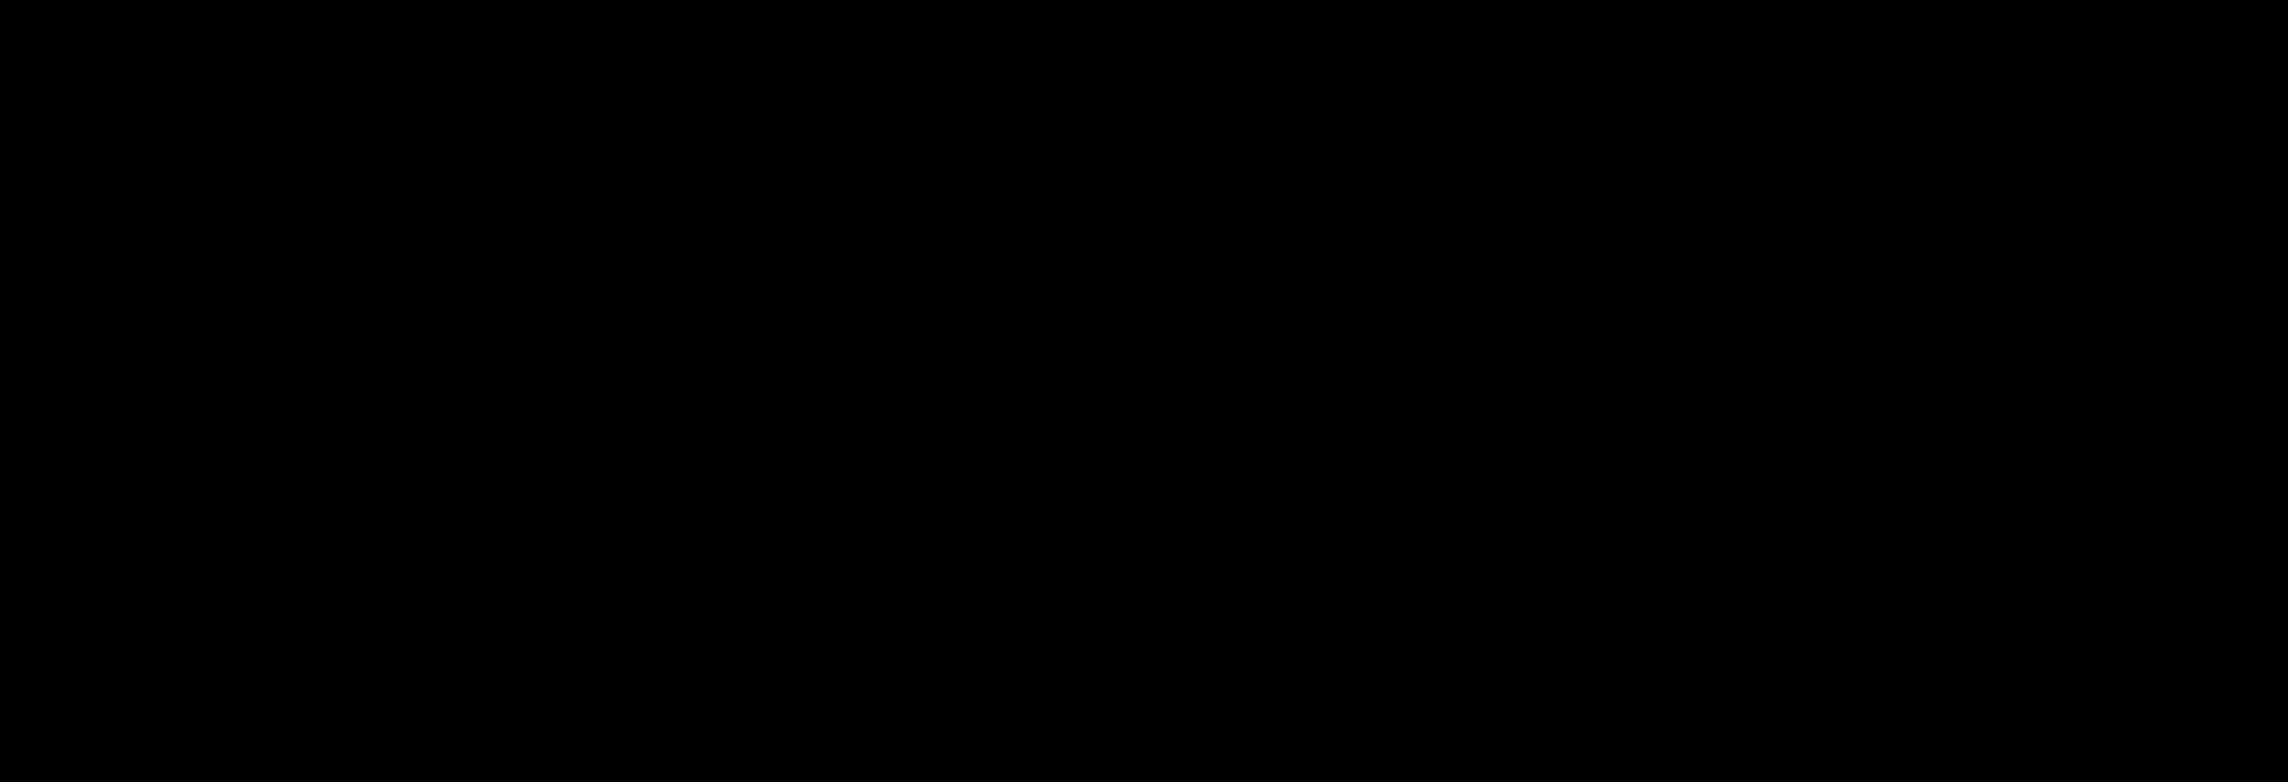 N-Methyl-d<sub>3</sub>-6-biotinylaminohexanoic acid methyl ester